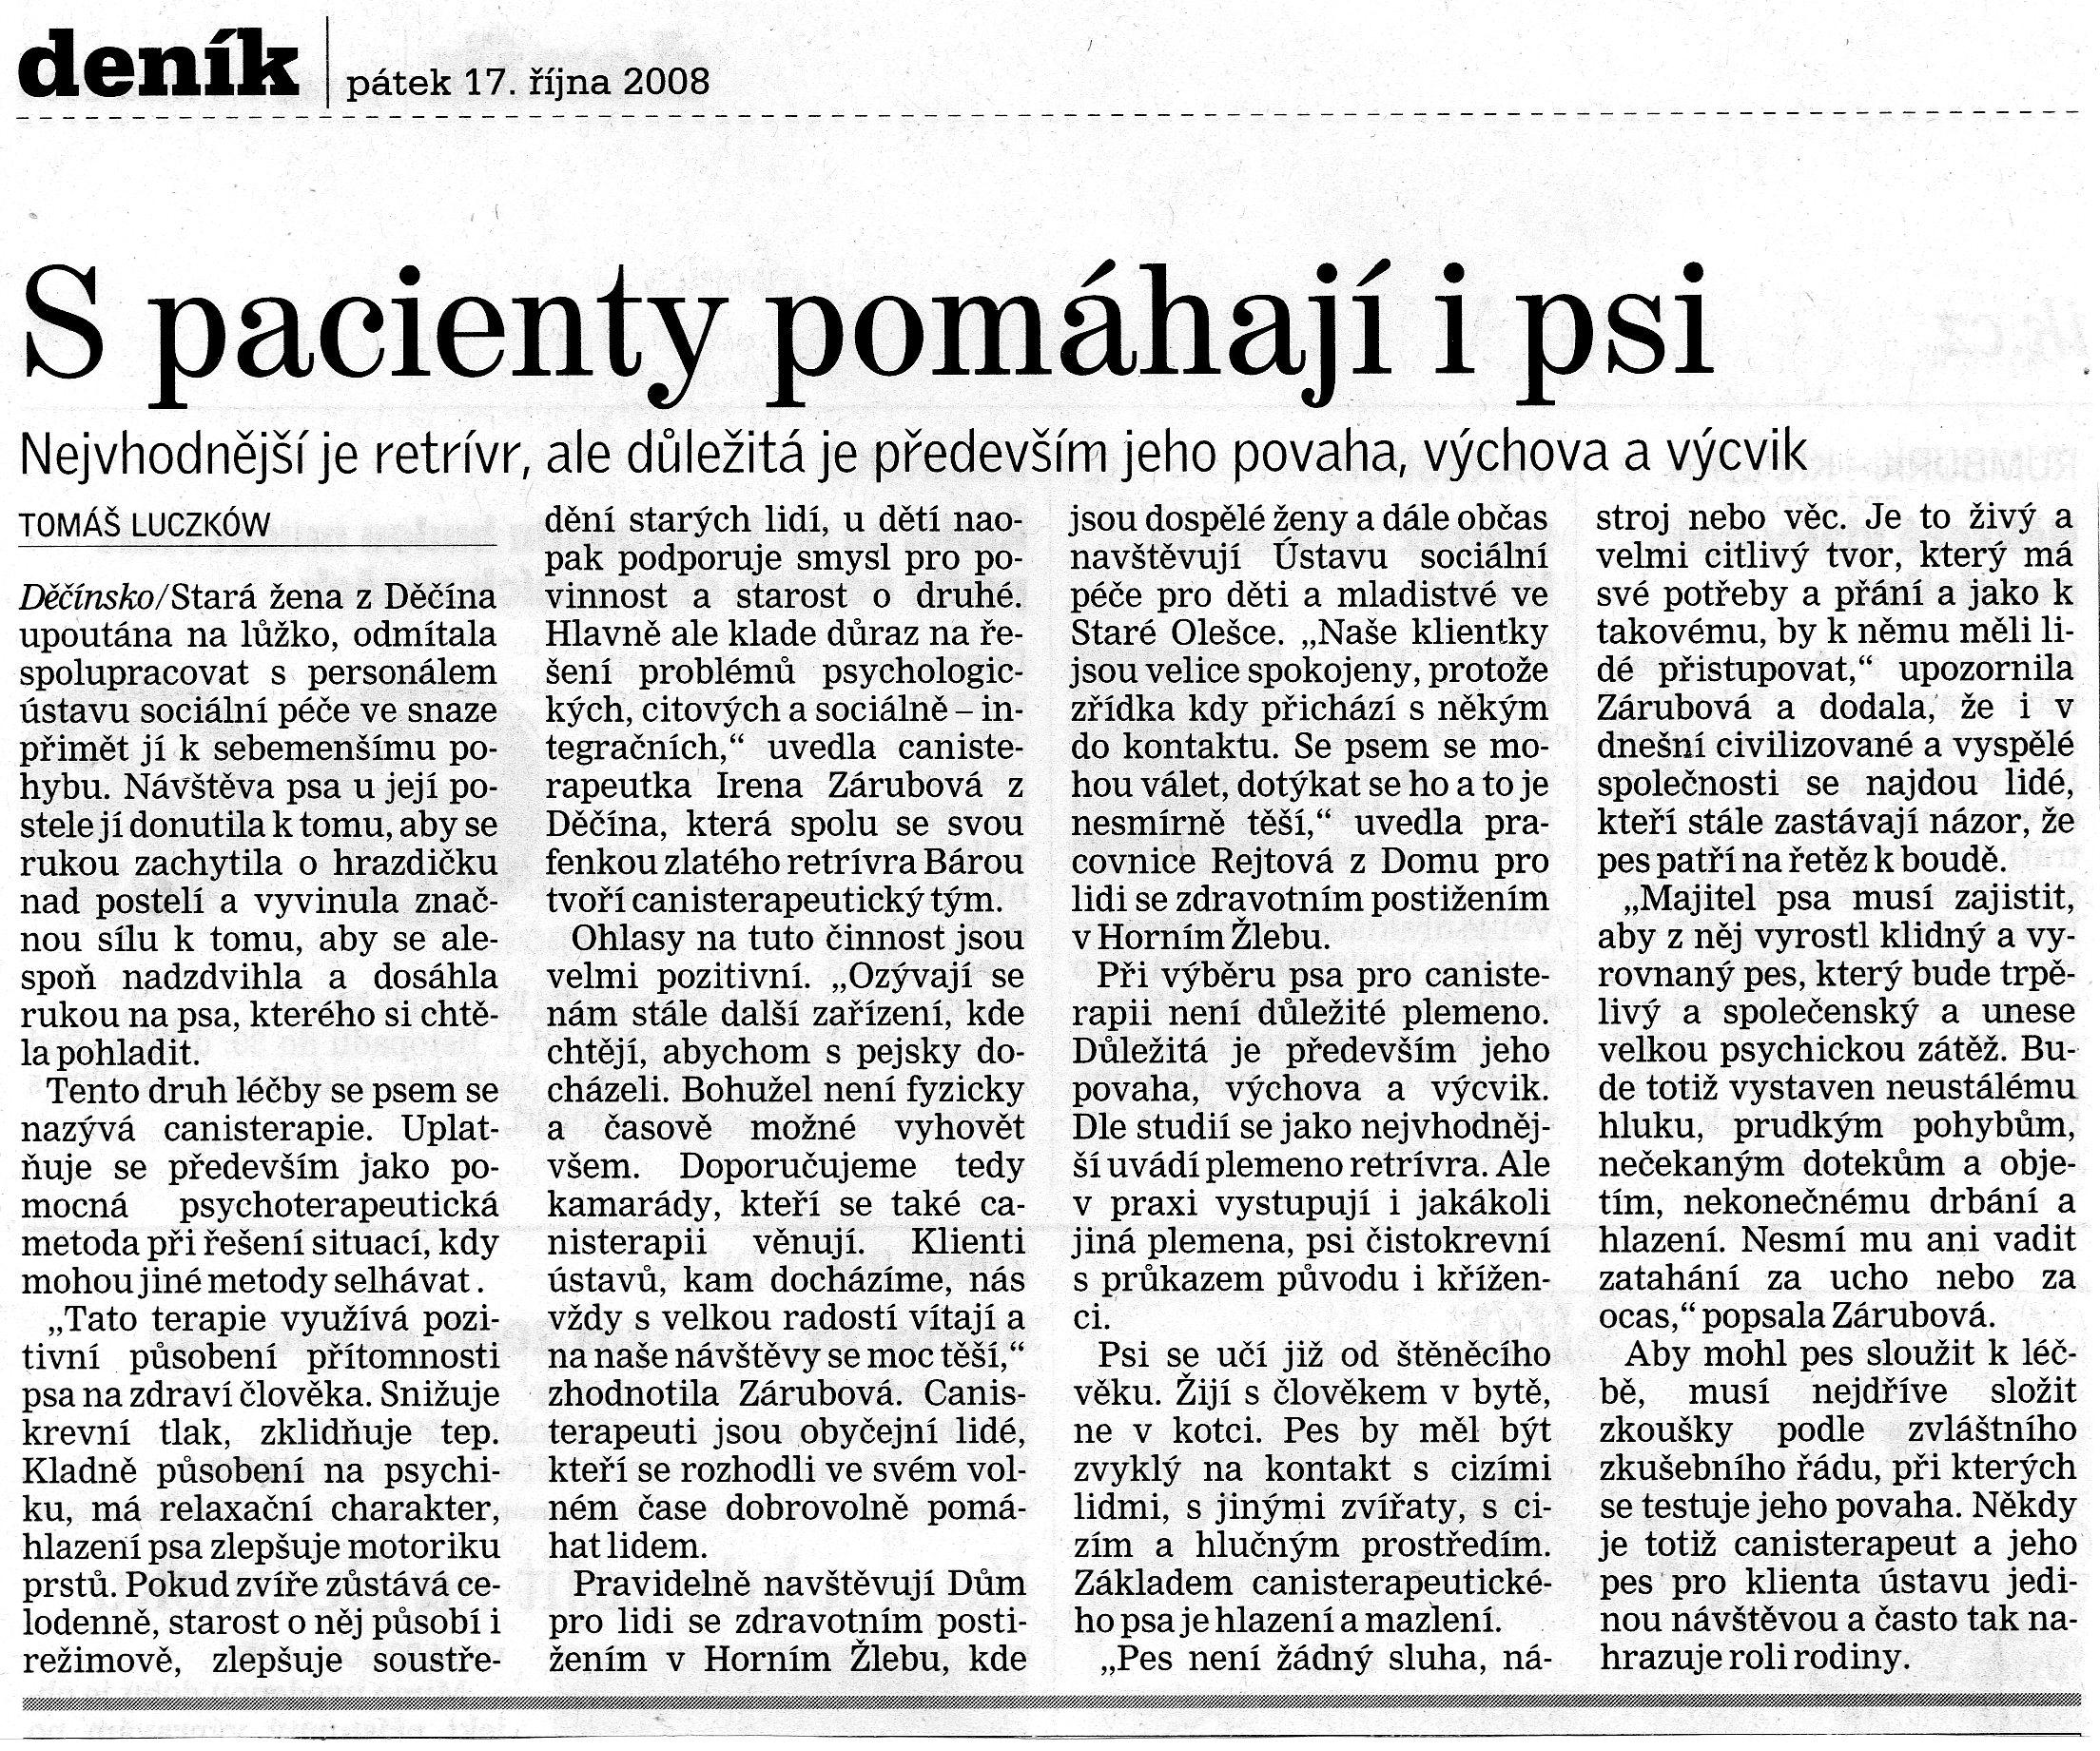 clanek_v_DD_17.10.2008.jpg